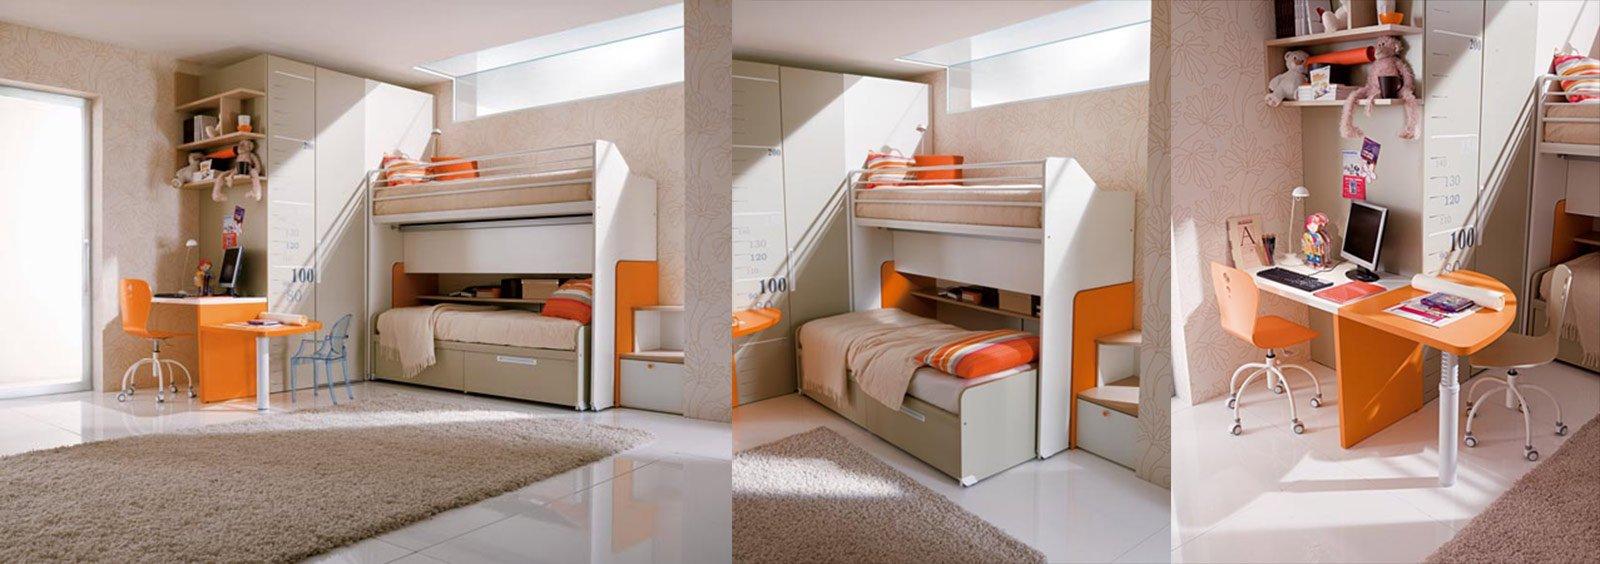 Camerette salvaspazio cose di casa - Soluzioni salvaspazio camera da letto ...